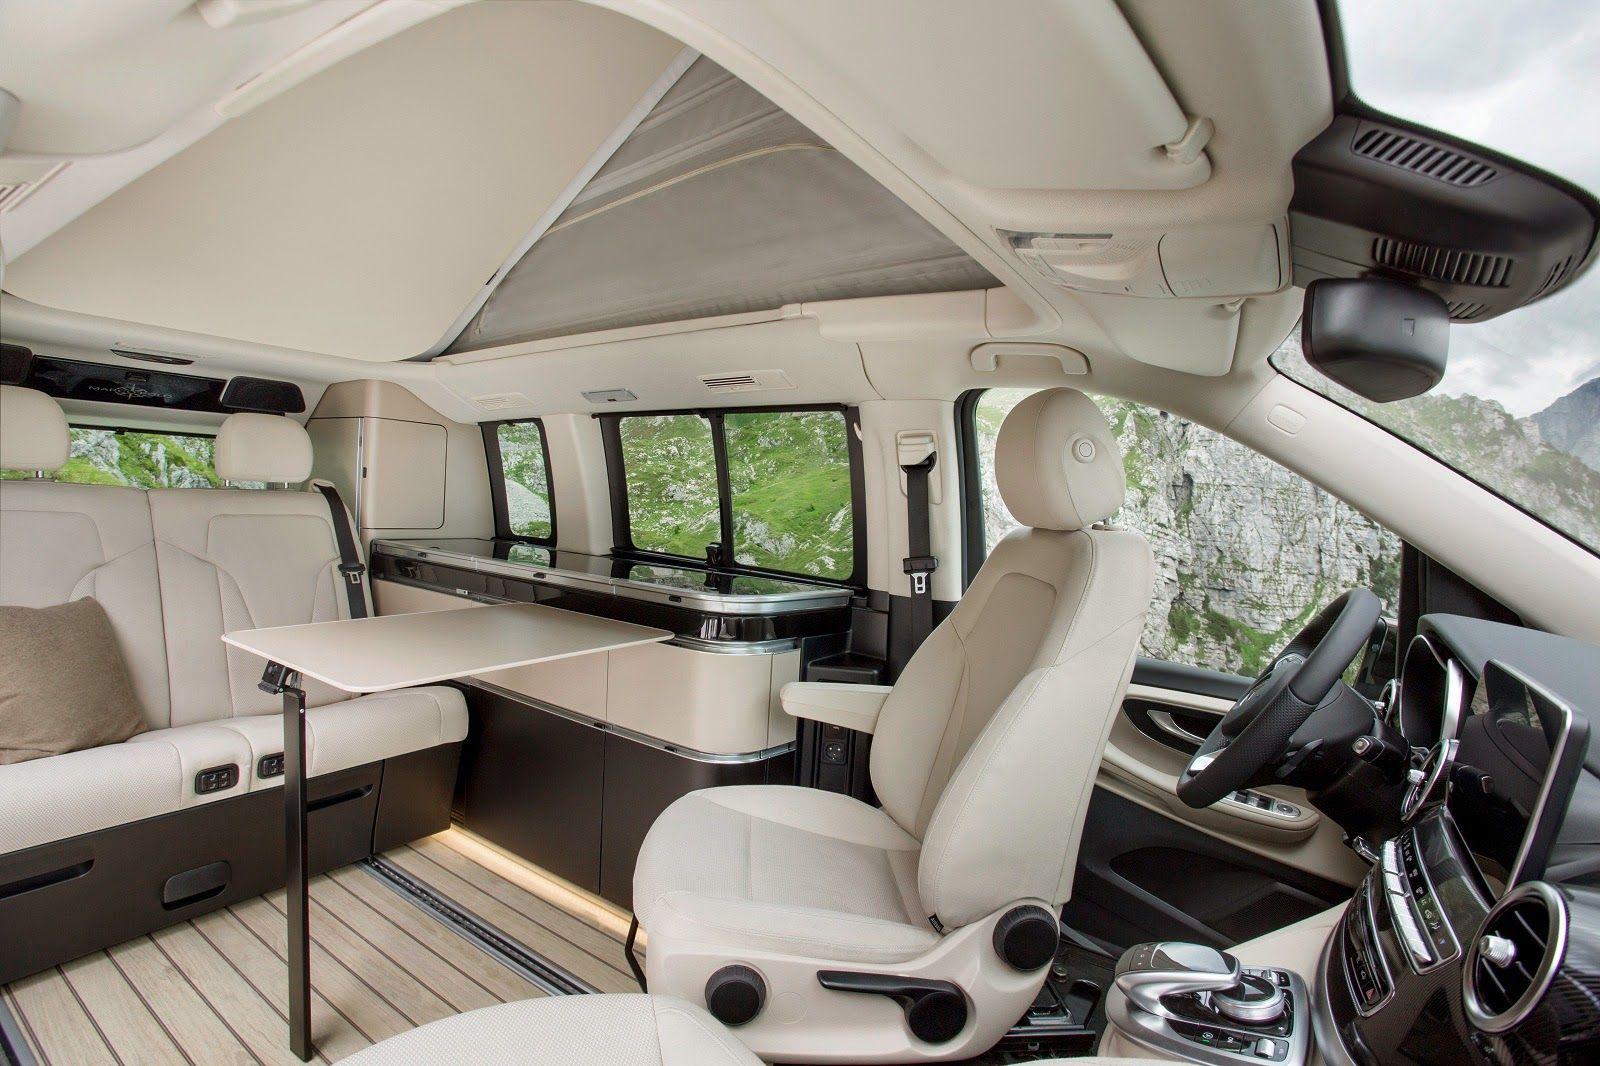 Mercedes Benz Marco Polo Camper Van Luxury Campers Mercedes Camper Mercedes Benz Vans